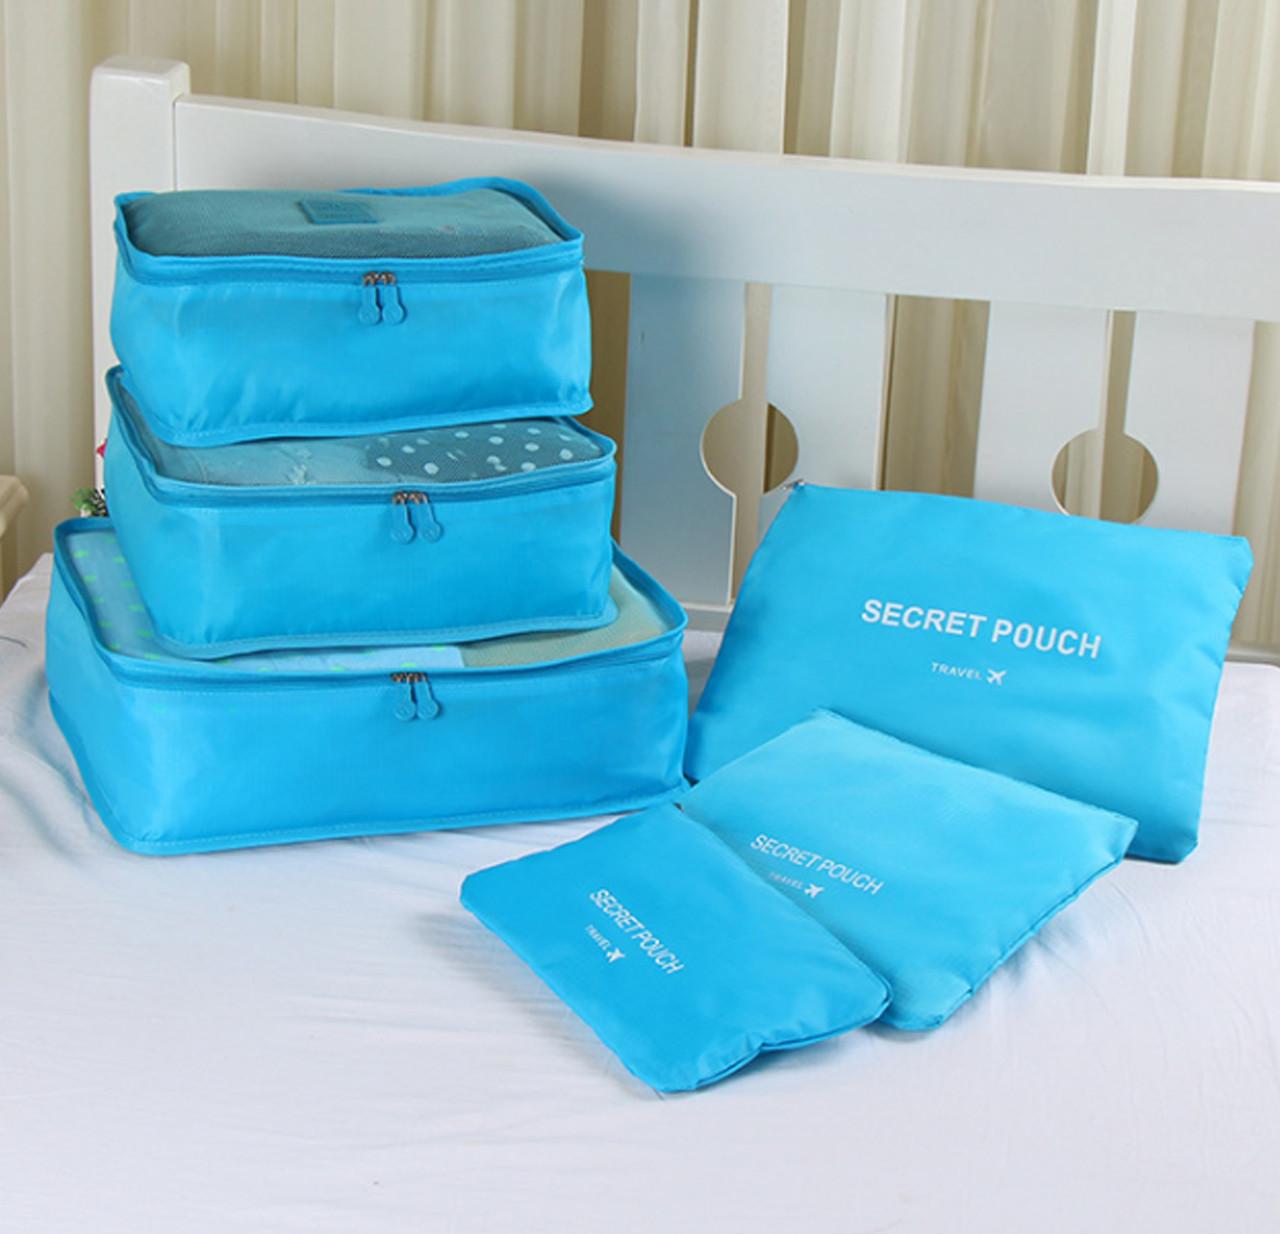 Набор дорожных органайзеров Secret Pouch. Голубой, Органайзеры для дома и путешествий